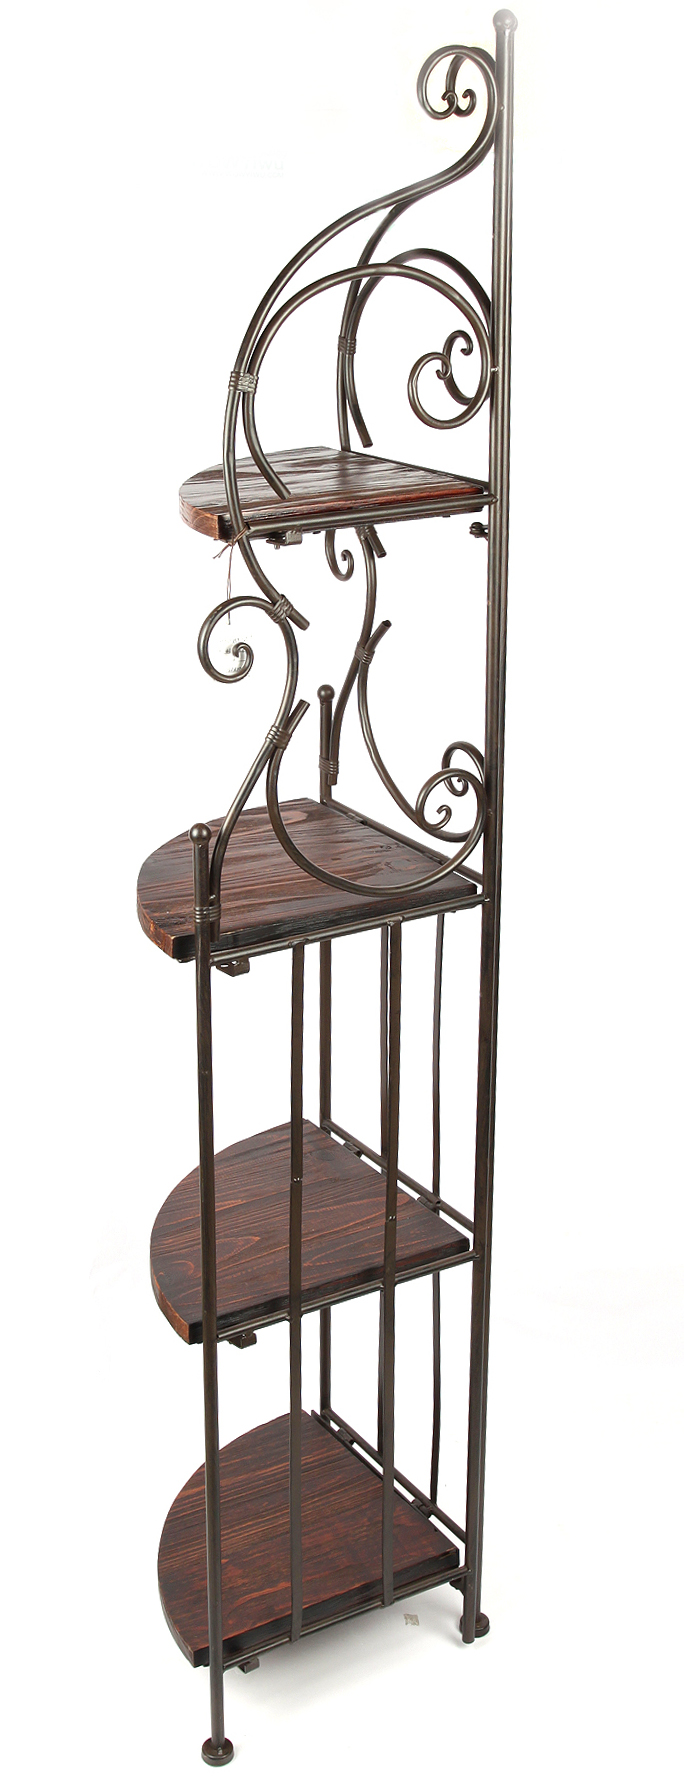 regal eckregal braun hx12579 schmiedeeisen metall 160 cm mit 4 ablagen b cherreg 1234567120171. Black Bedroom Furniture Sets. Home Design Ideas